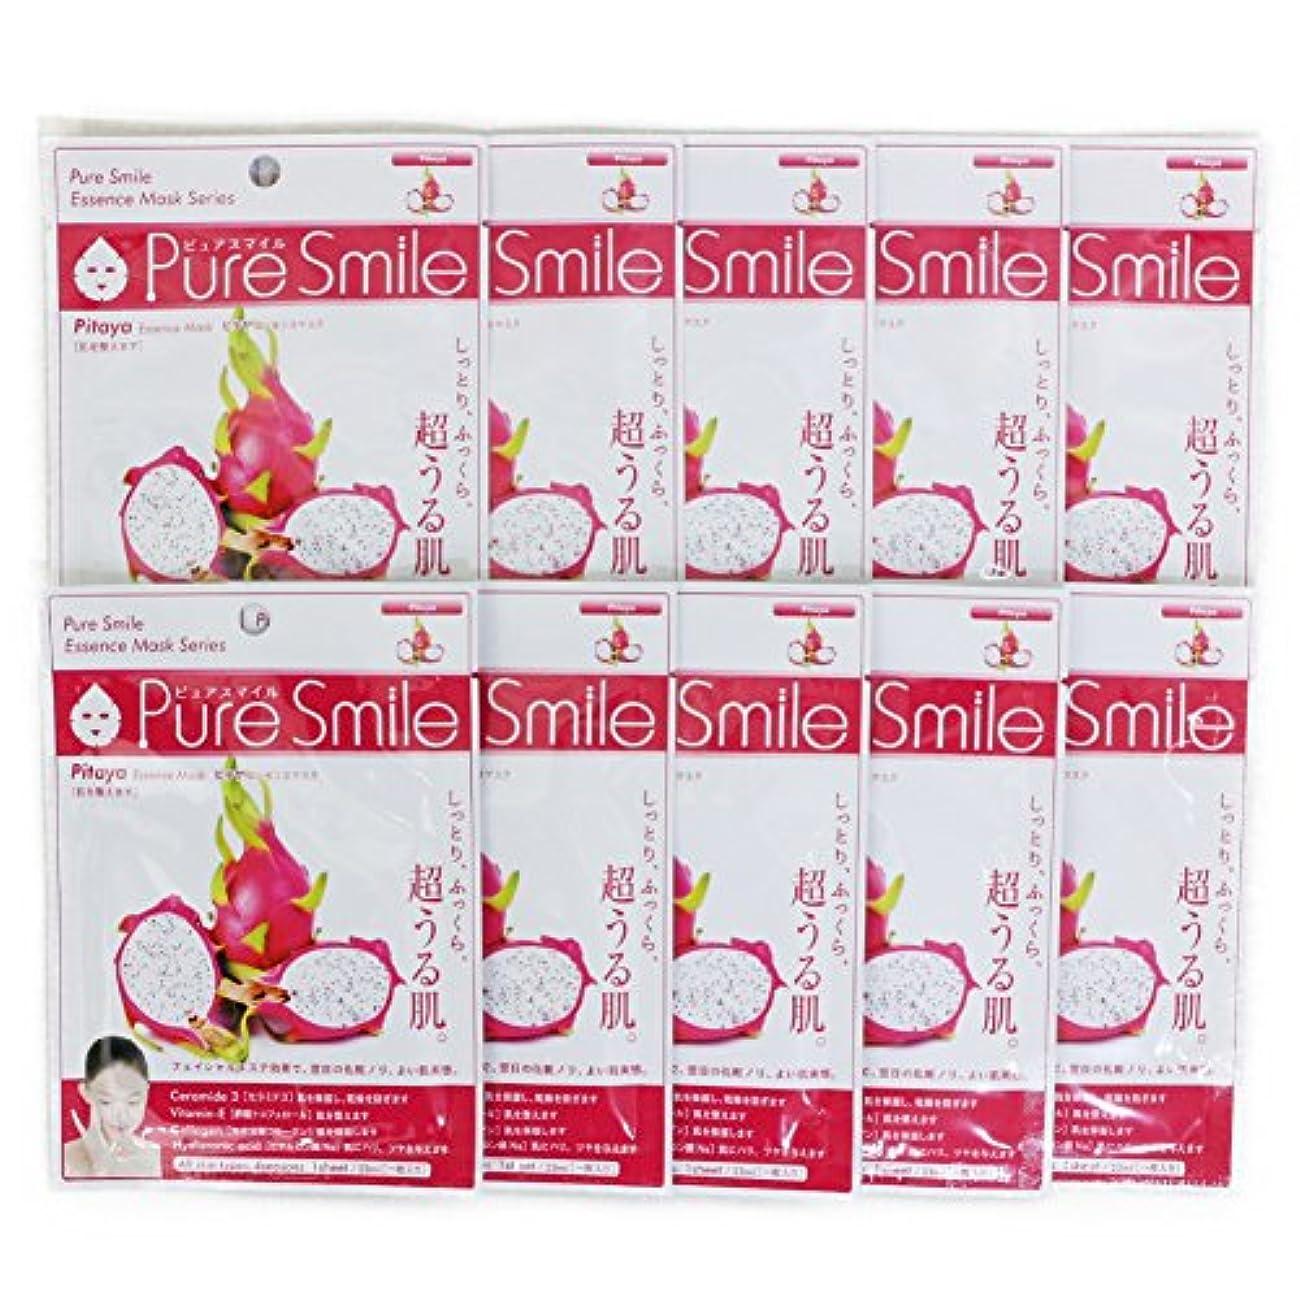 空洞ストレスの多い屋内Pure Smile ピュアスマイル エッセンスマスク ピタヤ 10枚セット